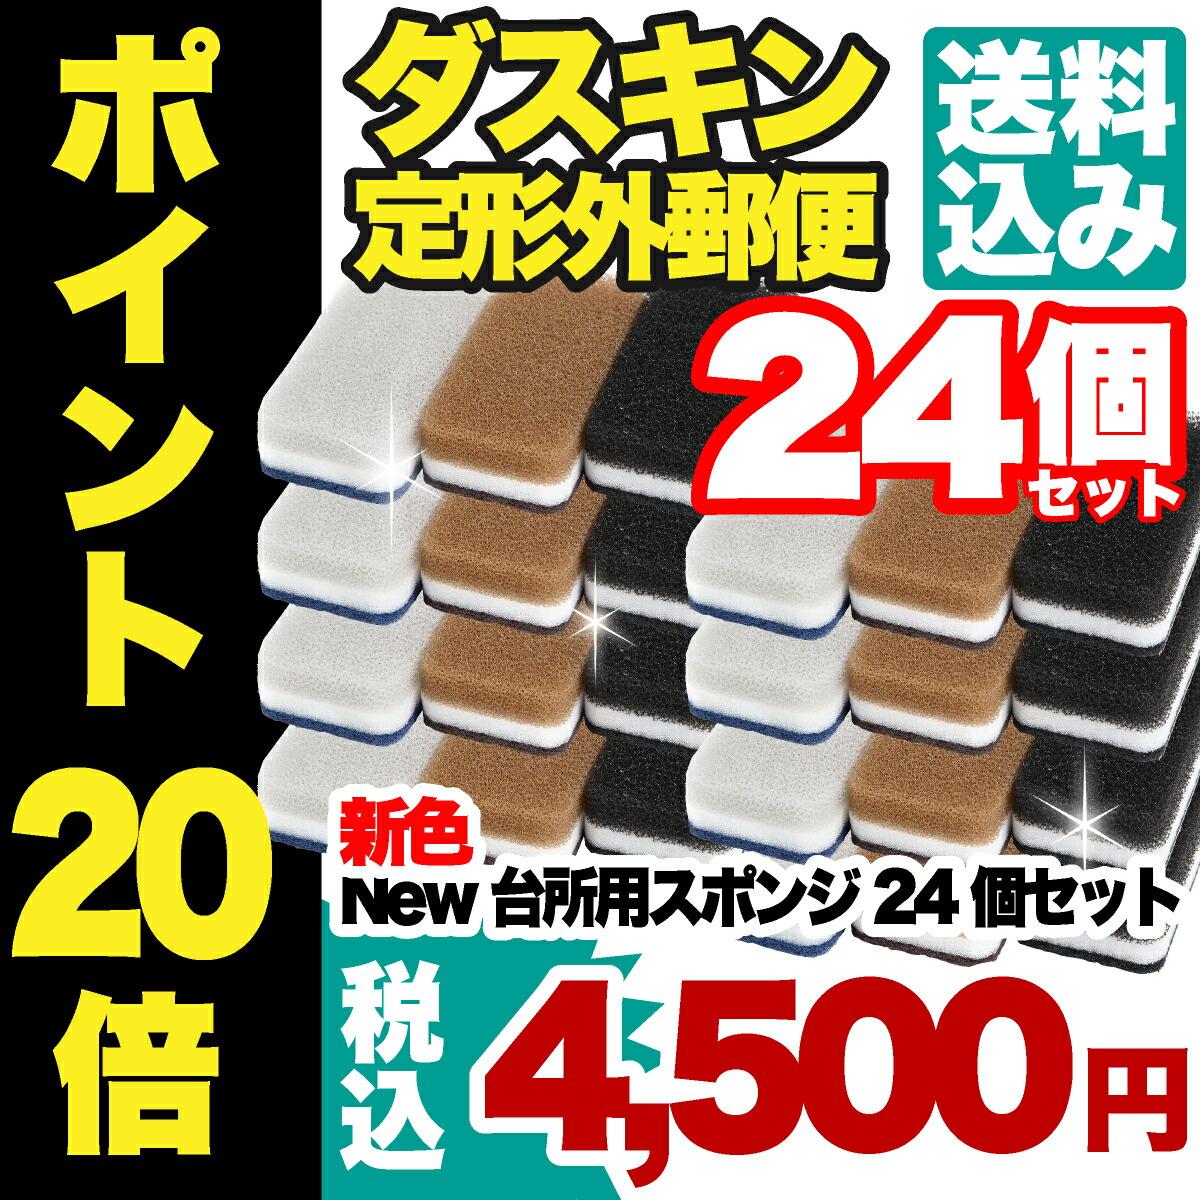 新色モノトーンダスキン台所用3色スポンジ24個セット